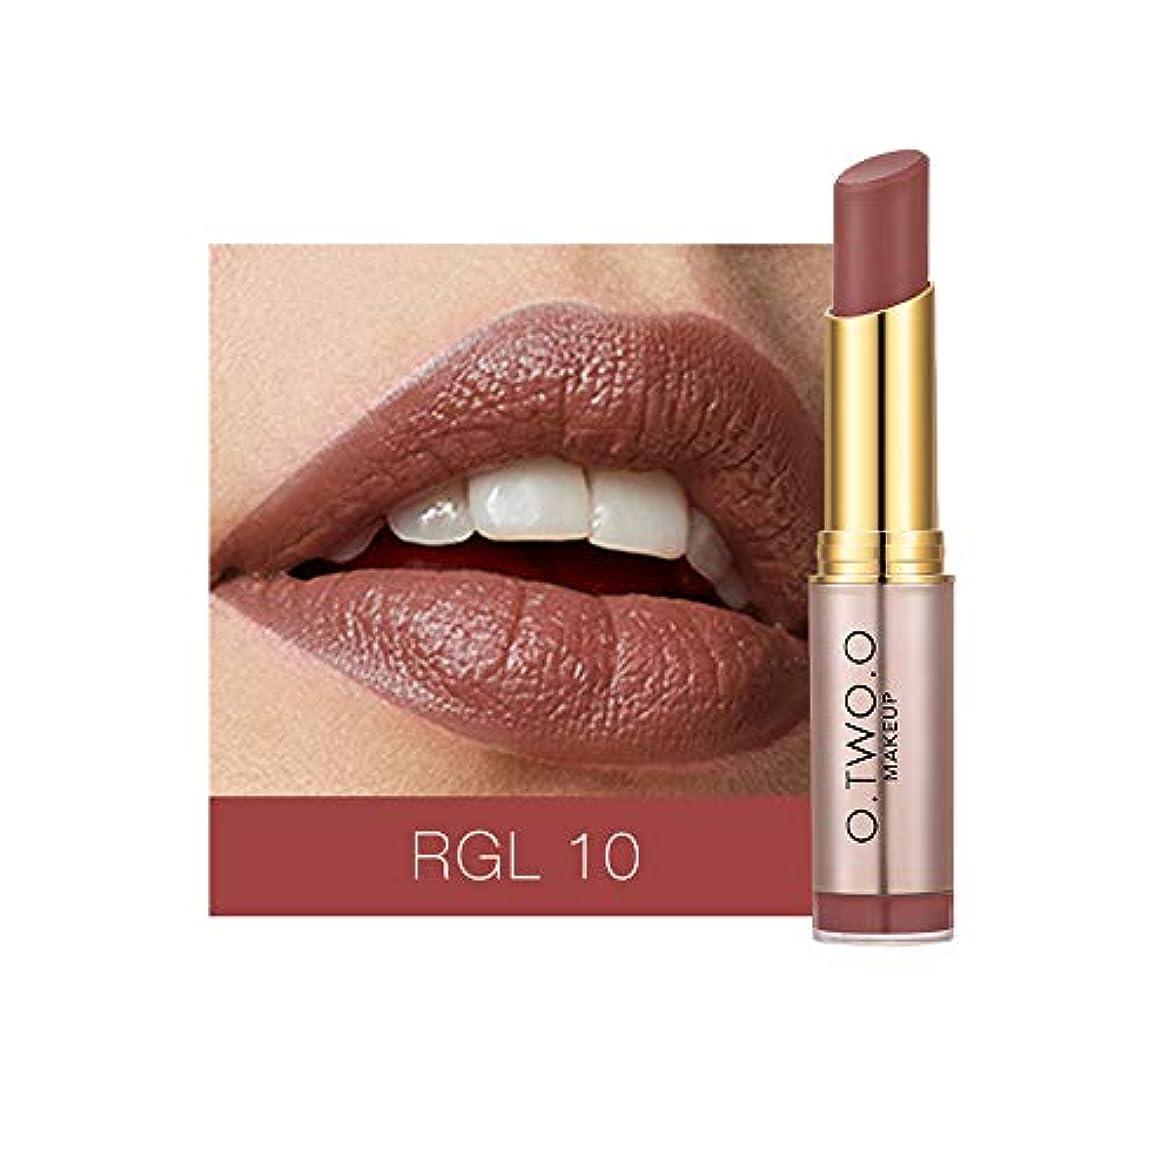 空いている膨張するプロットDecdeal 口紅 女性 化粧品 長持ち 保湿リップスティック リップスティックリップグロスビロードリップクリーム